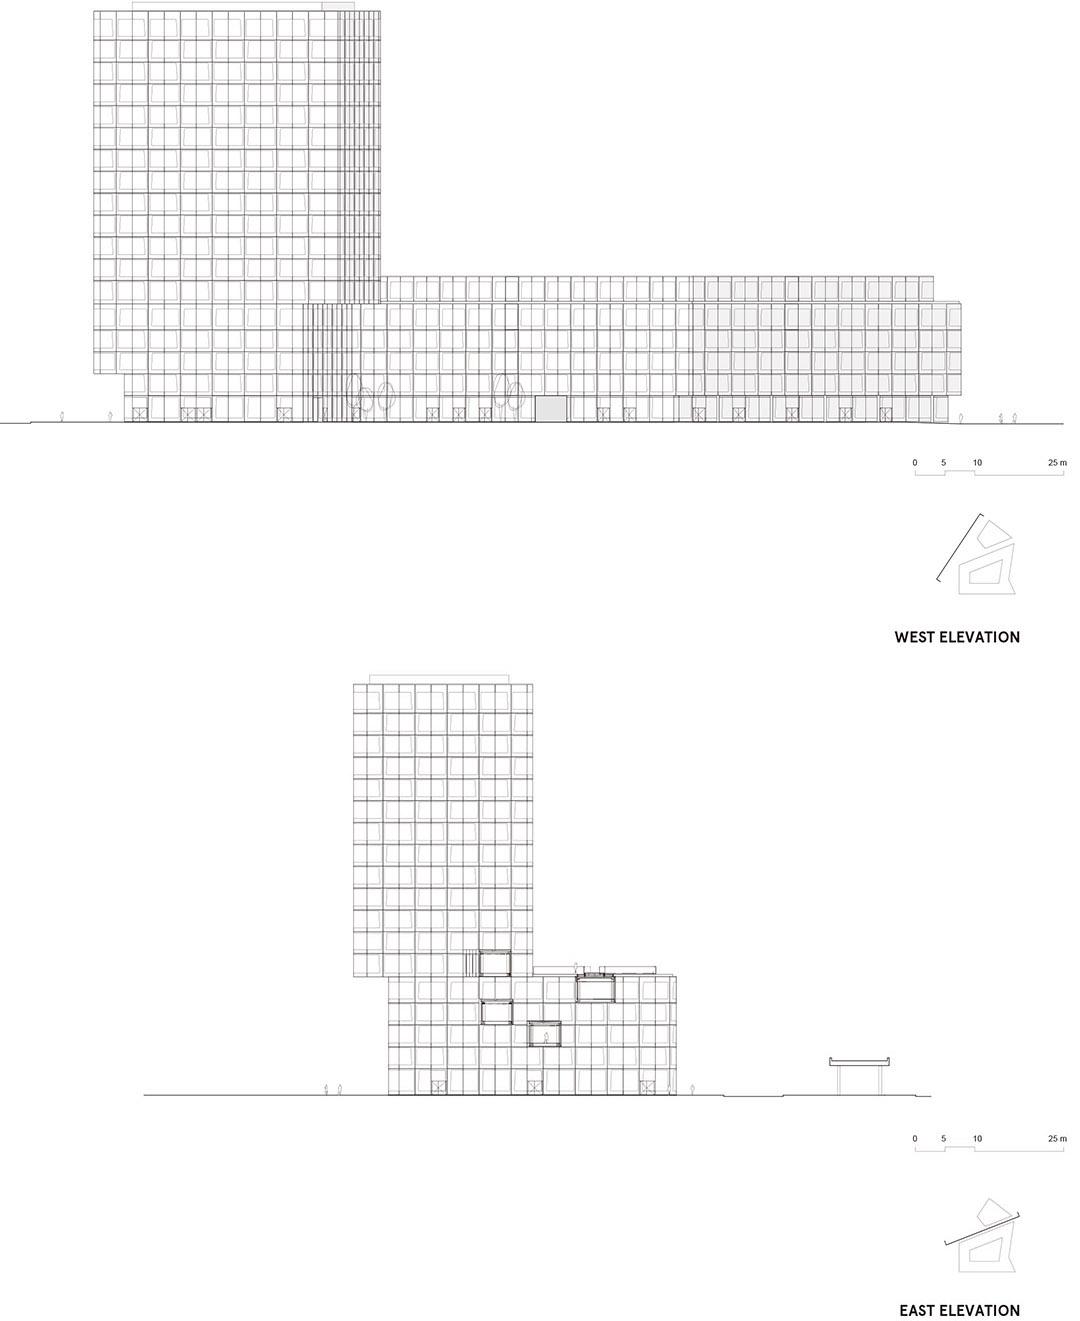 安联总部办公楼维尔阿雷兹建筑事务所Allianz Headquarters  Wiel Arets Architects (16)